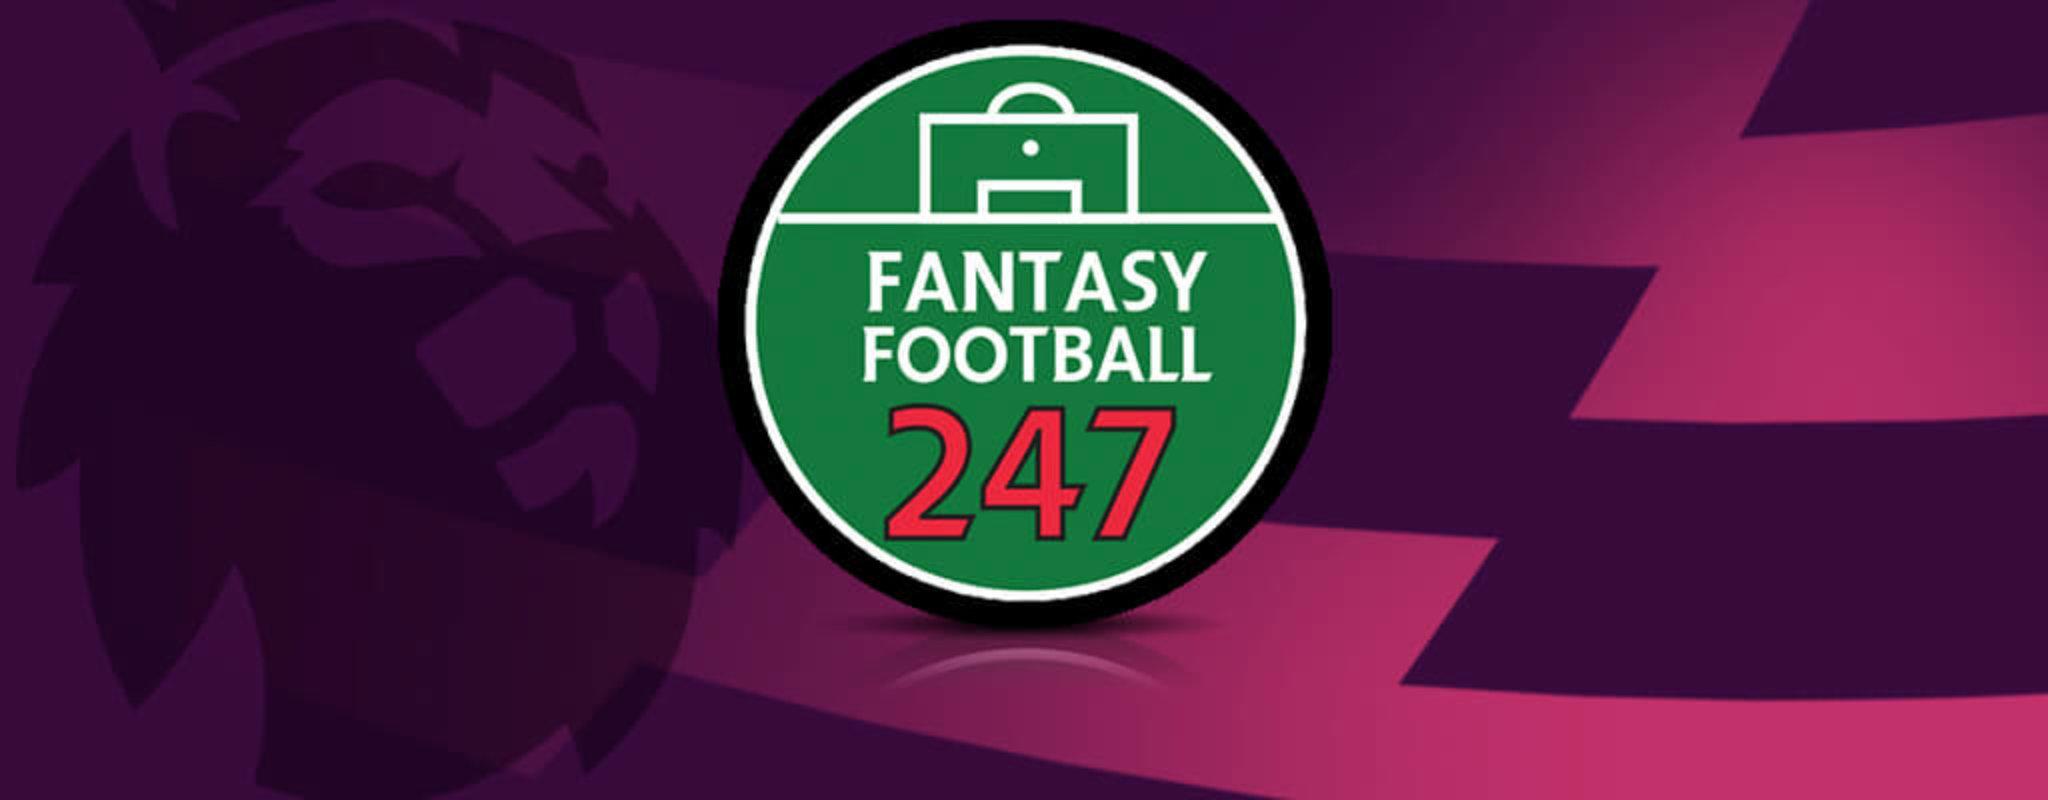 Fantasy Premier League Set Piece Takers 2019-20 - fpl tips